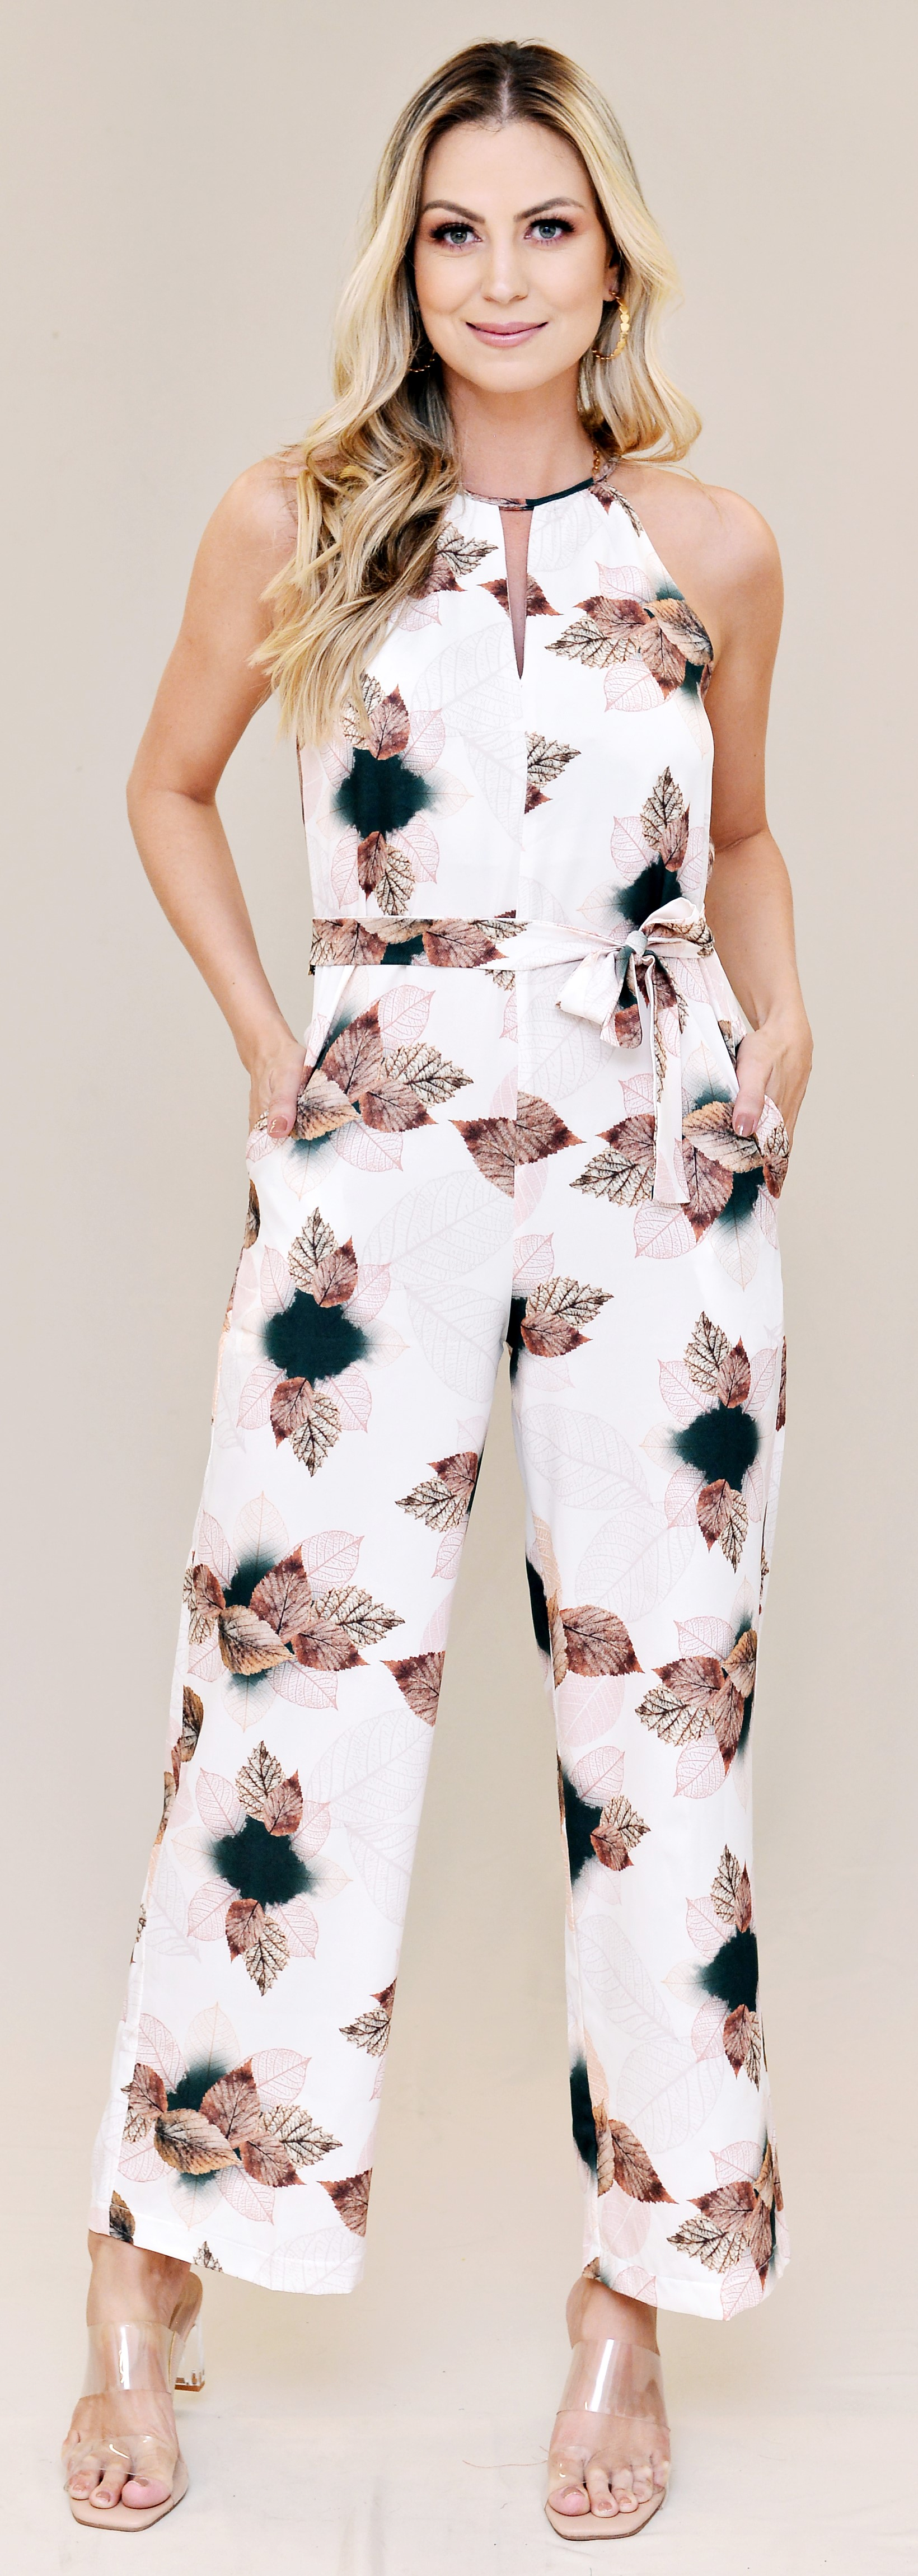 Macacão Longo Estampado - Bullgary Modas